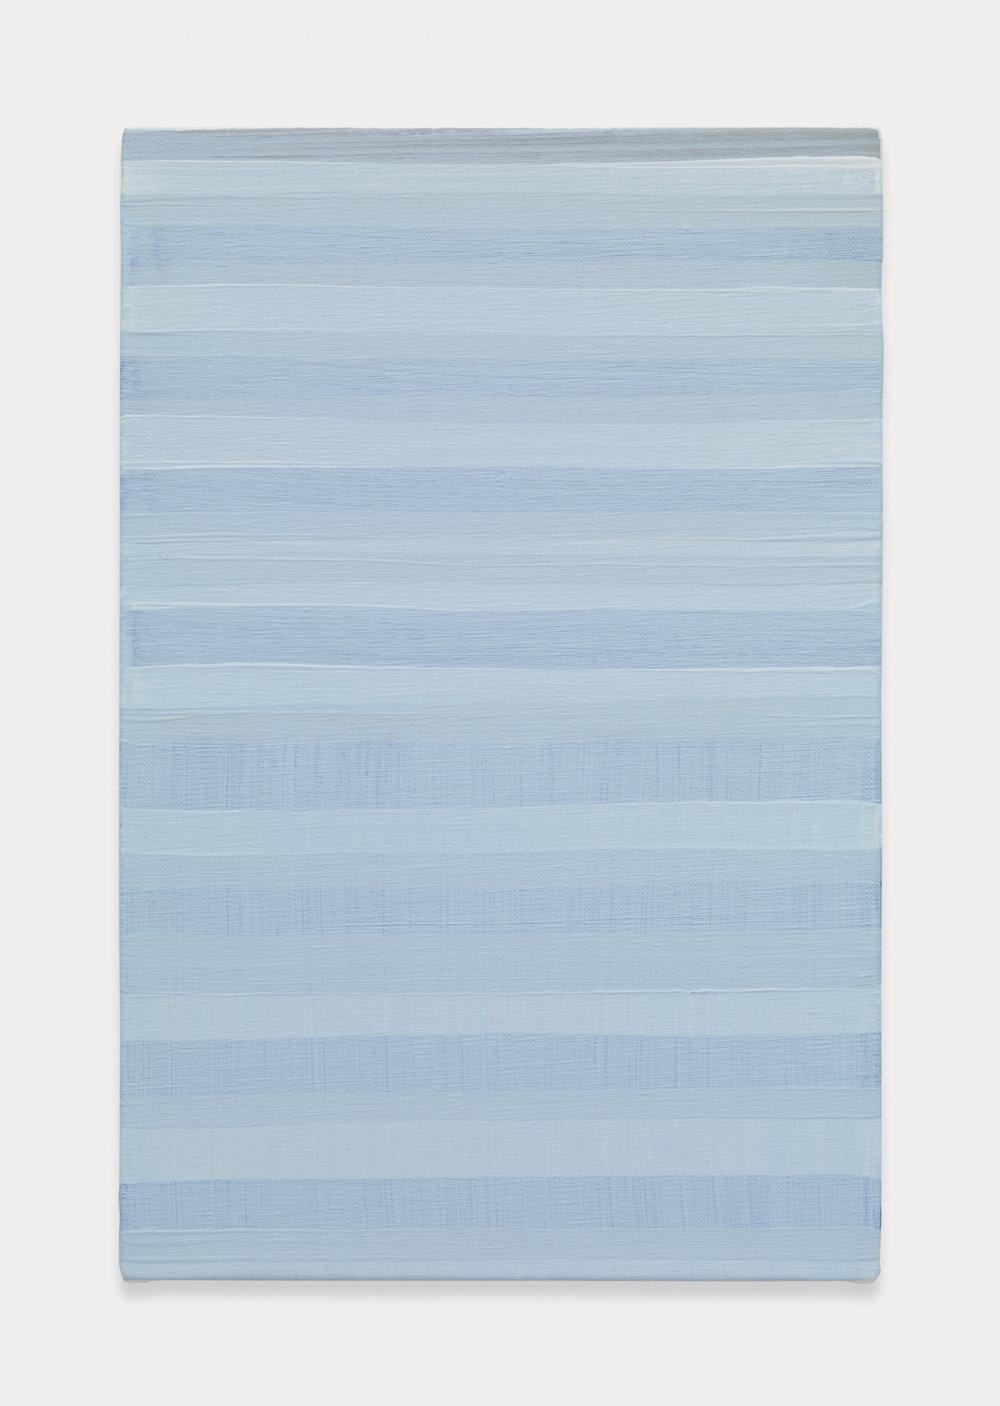 Yui Yaegashi  Untitled  2017 Oil on canvas 13 ¼h x 8 ¾w in YY099